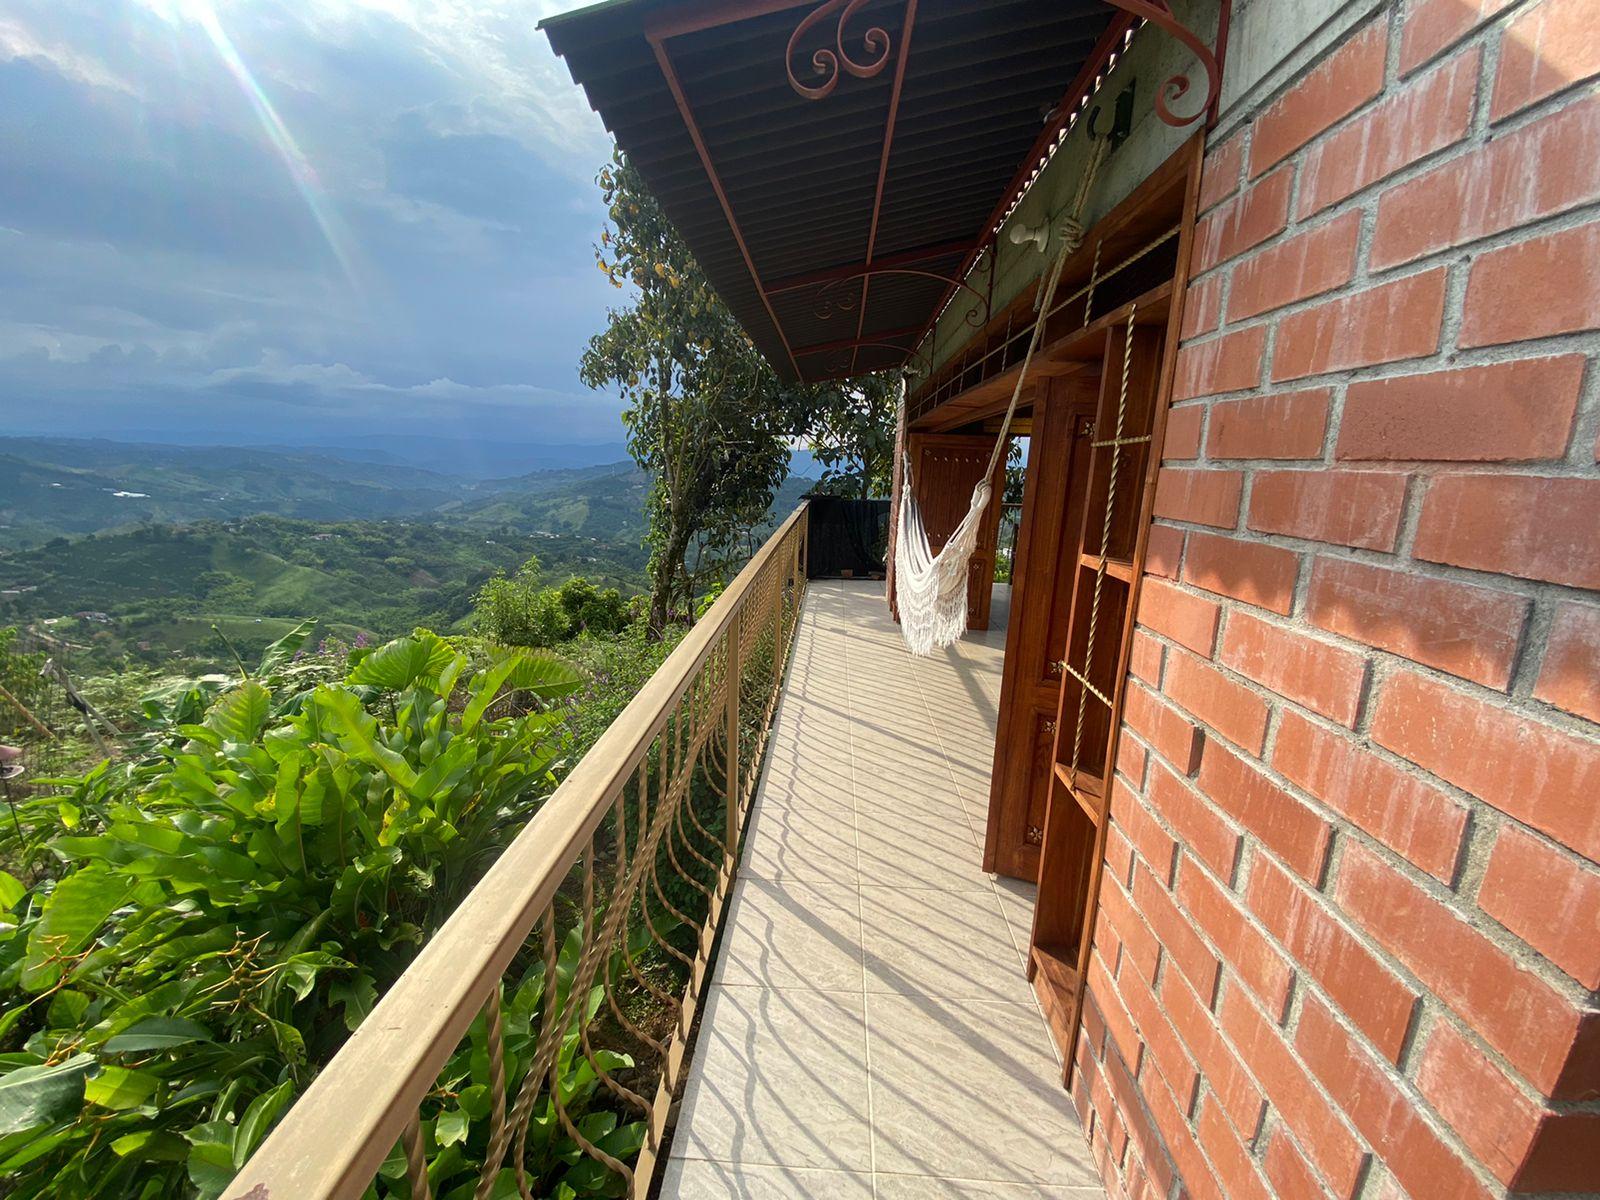 CÑVOC-0072 Se vende cabaña en Manizales, en el sector de San Peregrino.